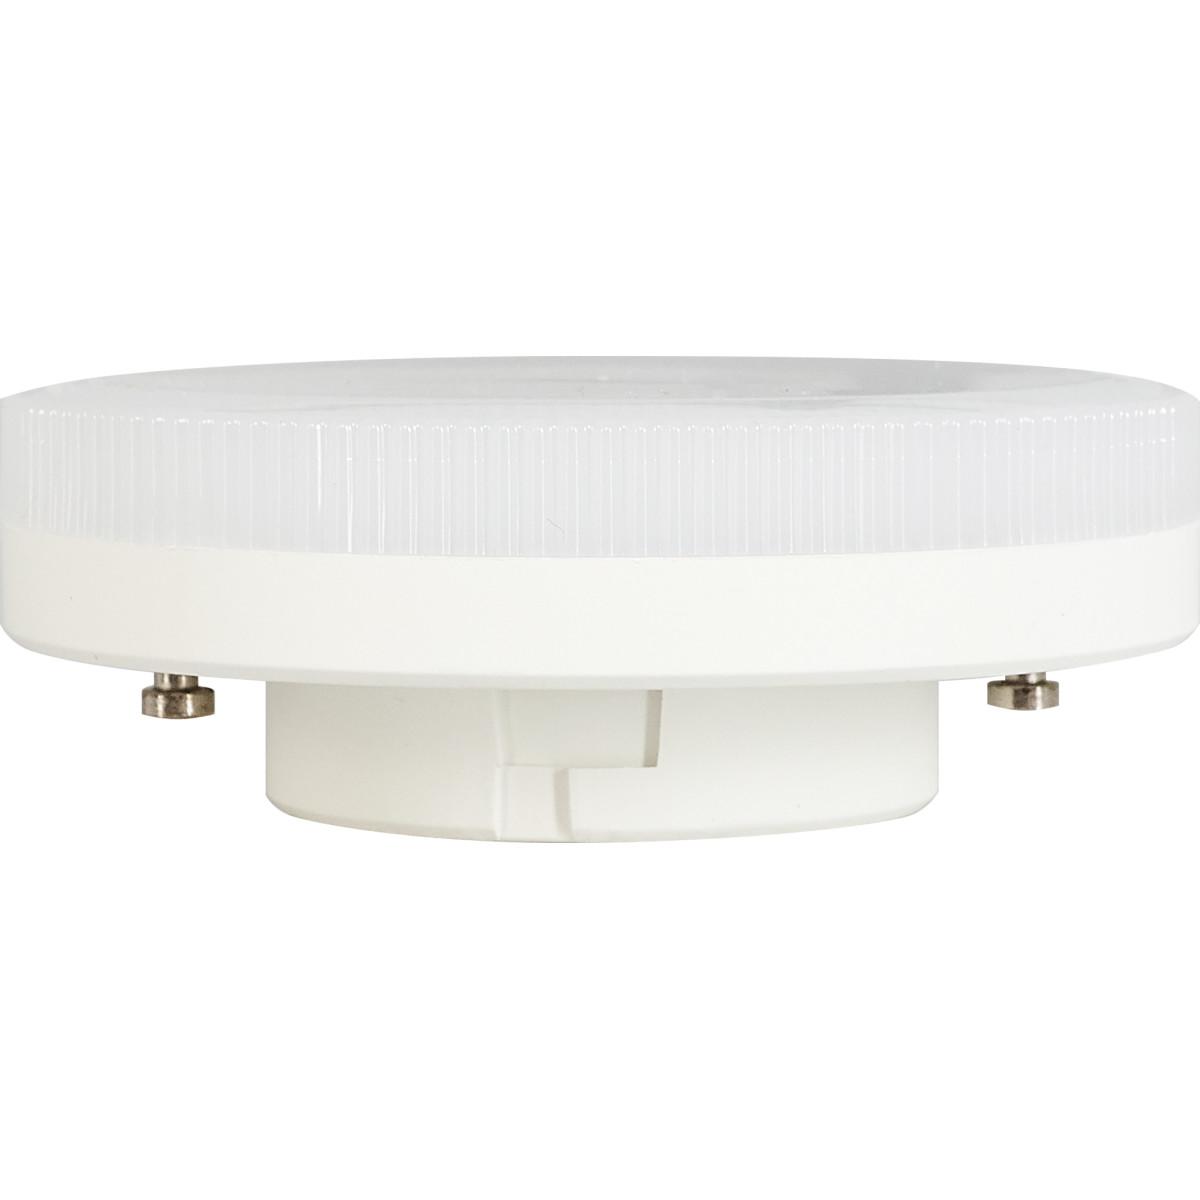 Лампа светодиодная Gauss Basic GX53 230 В 12.5 Вт диск 850 лм свет белый